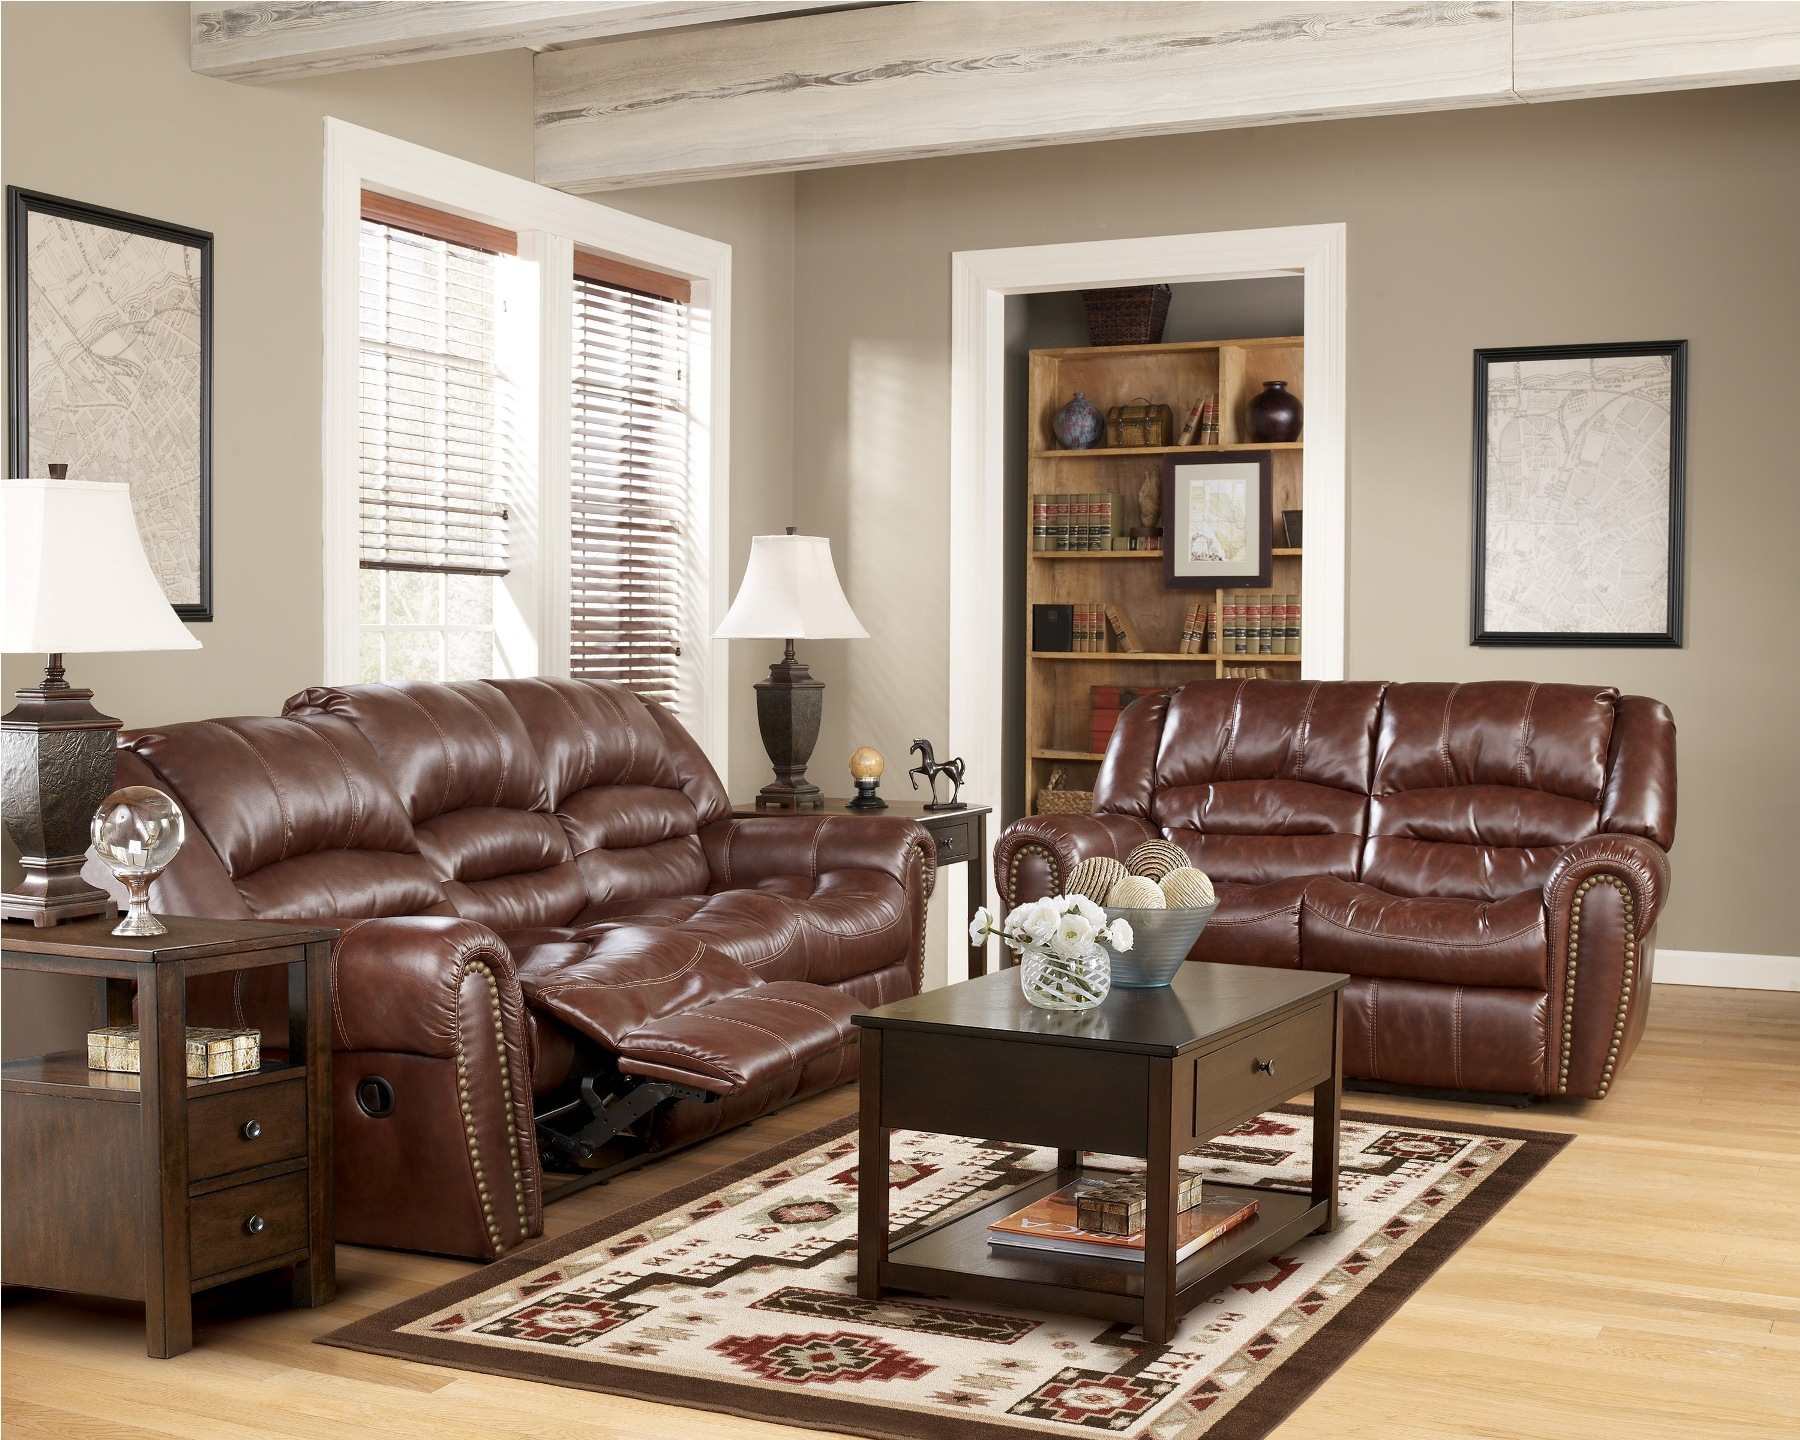 Furniture > Living Room Furniture > Living Room Set > Sienna